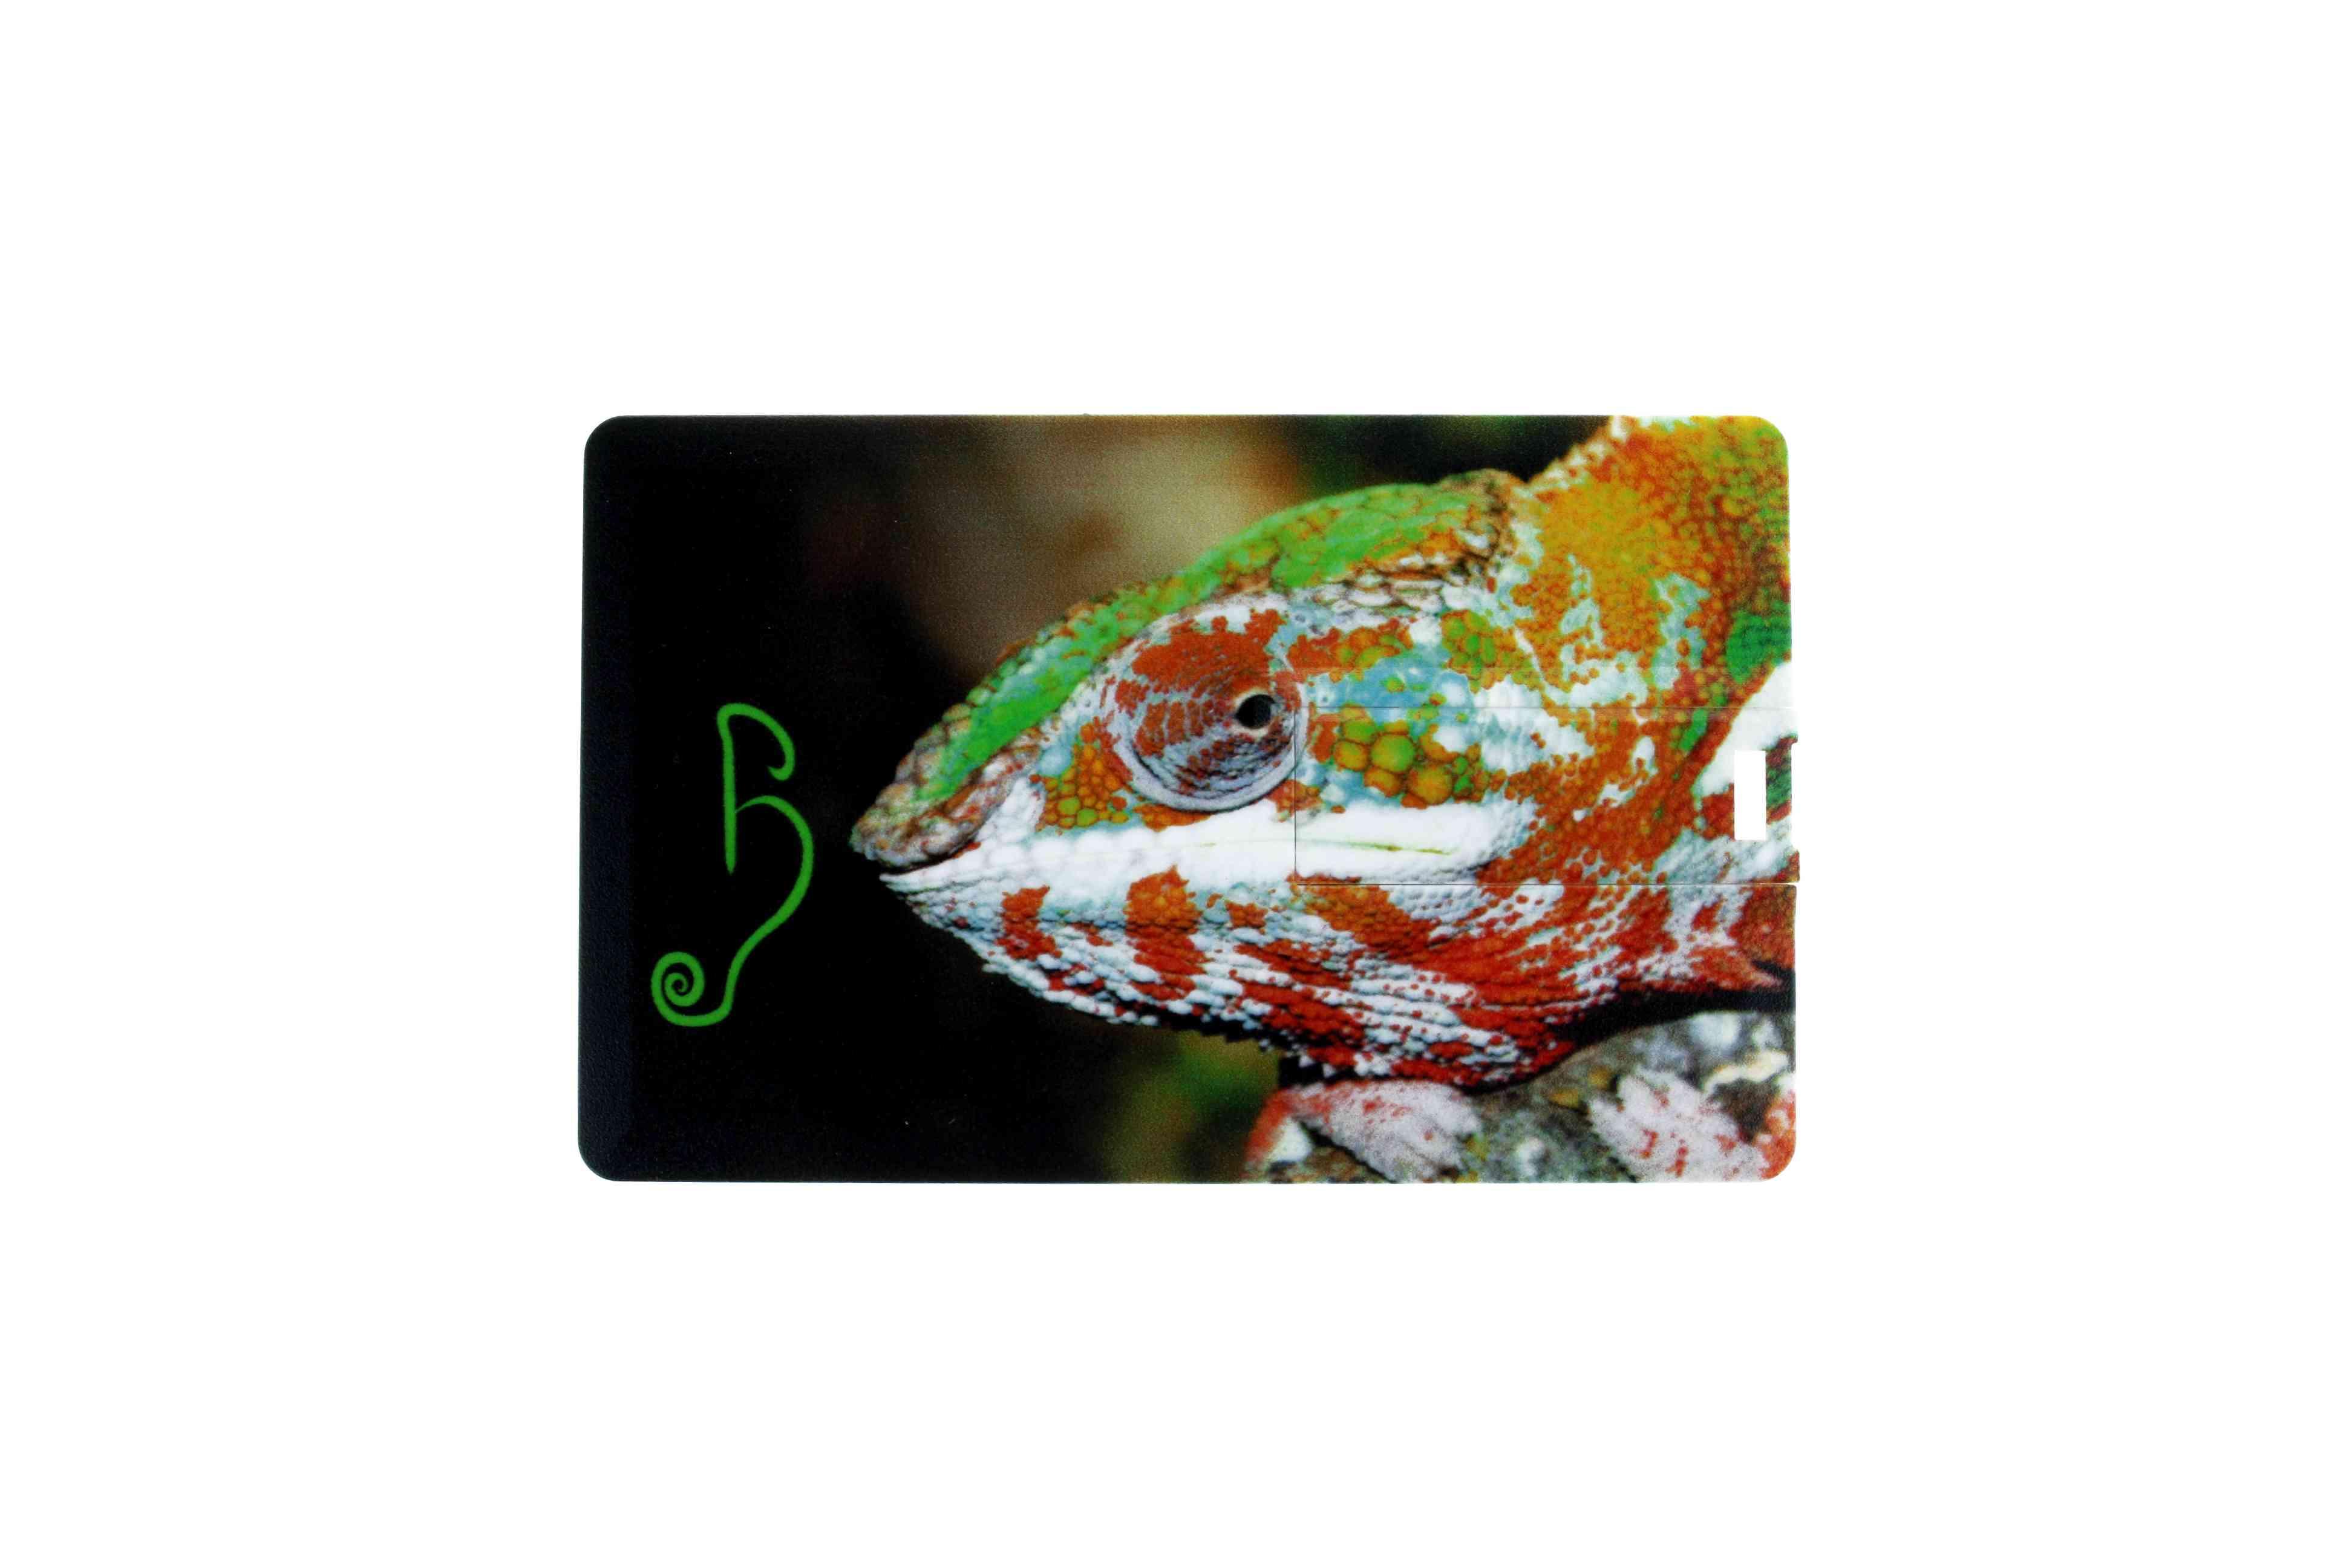 Clé USB publicitaire carte de crédit 3.0 - Objet publicitaire